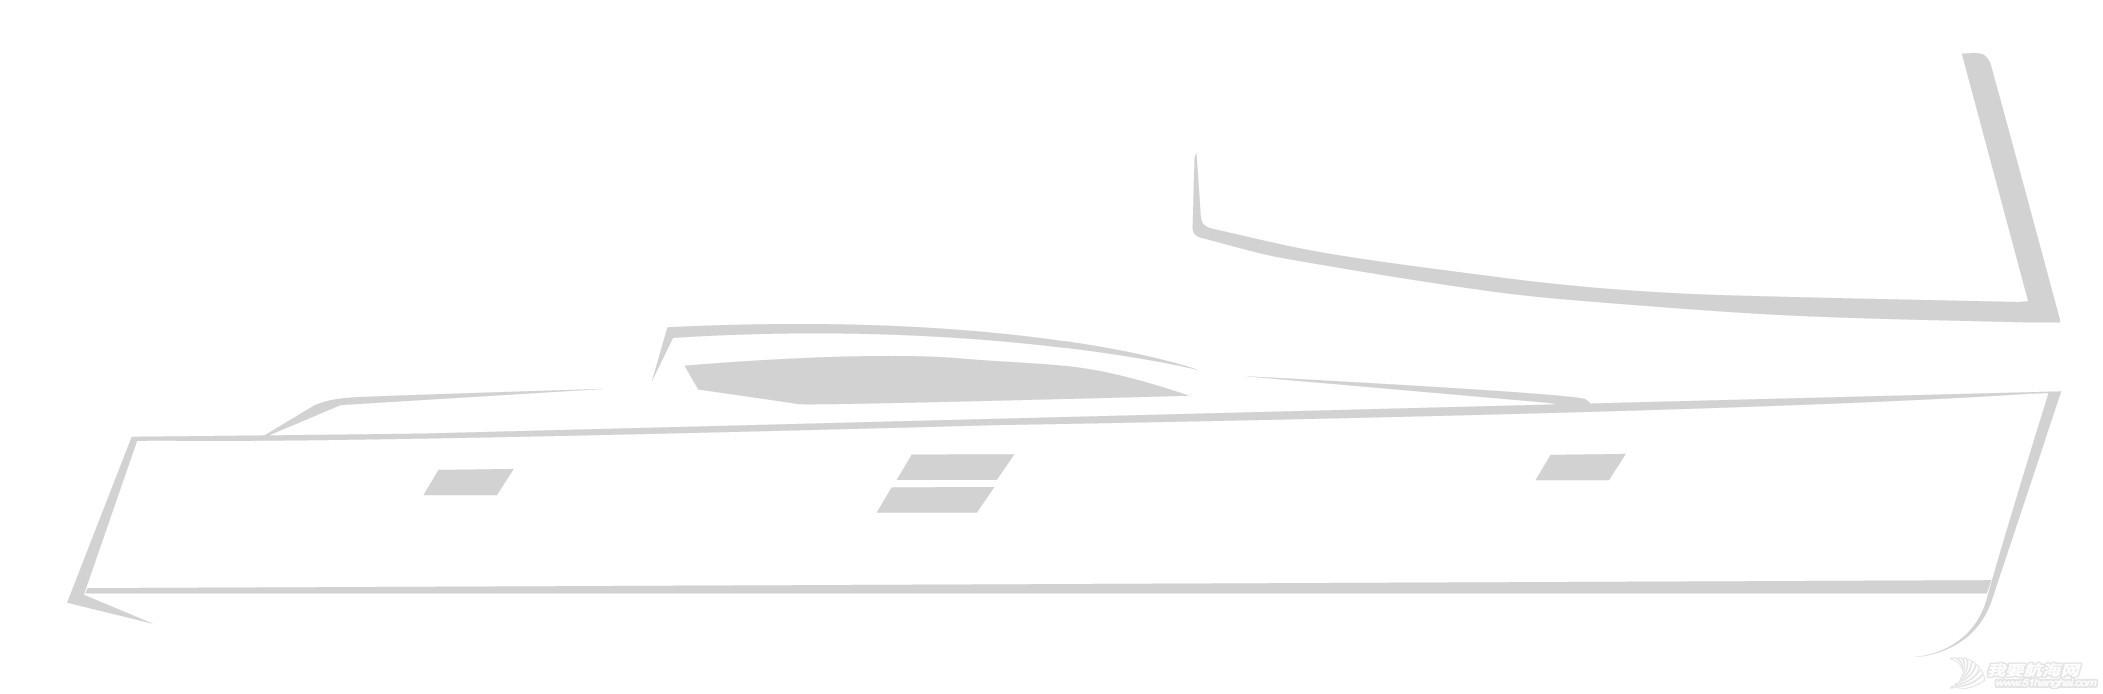 2019款elan IMPRESSION 45.1豪华休闲帆船